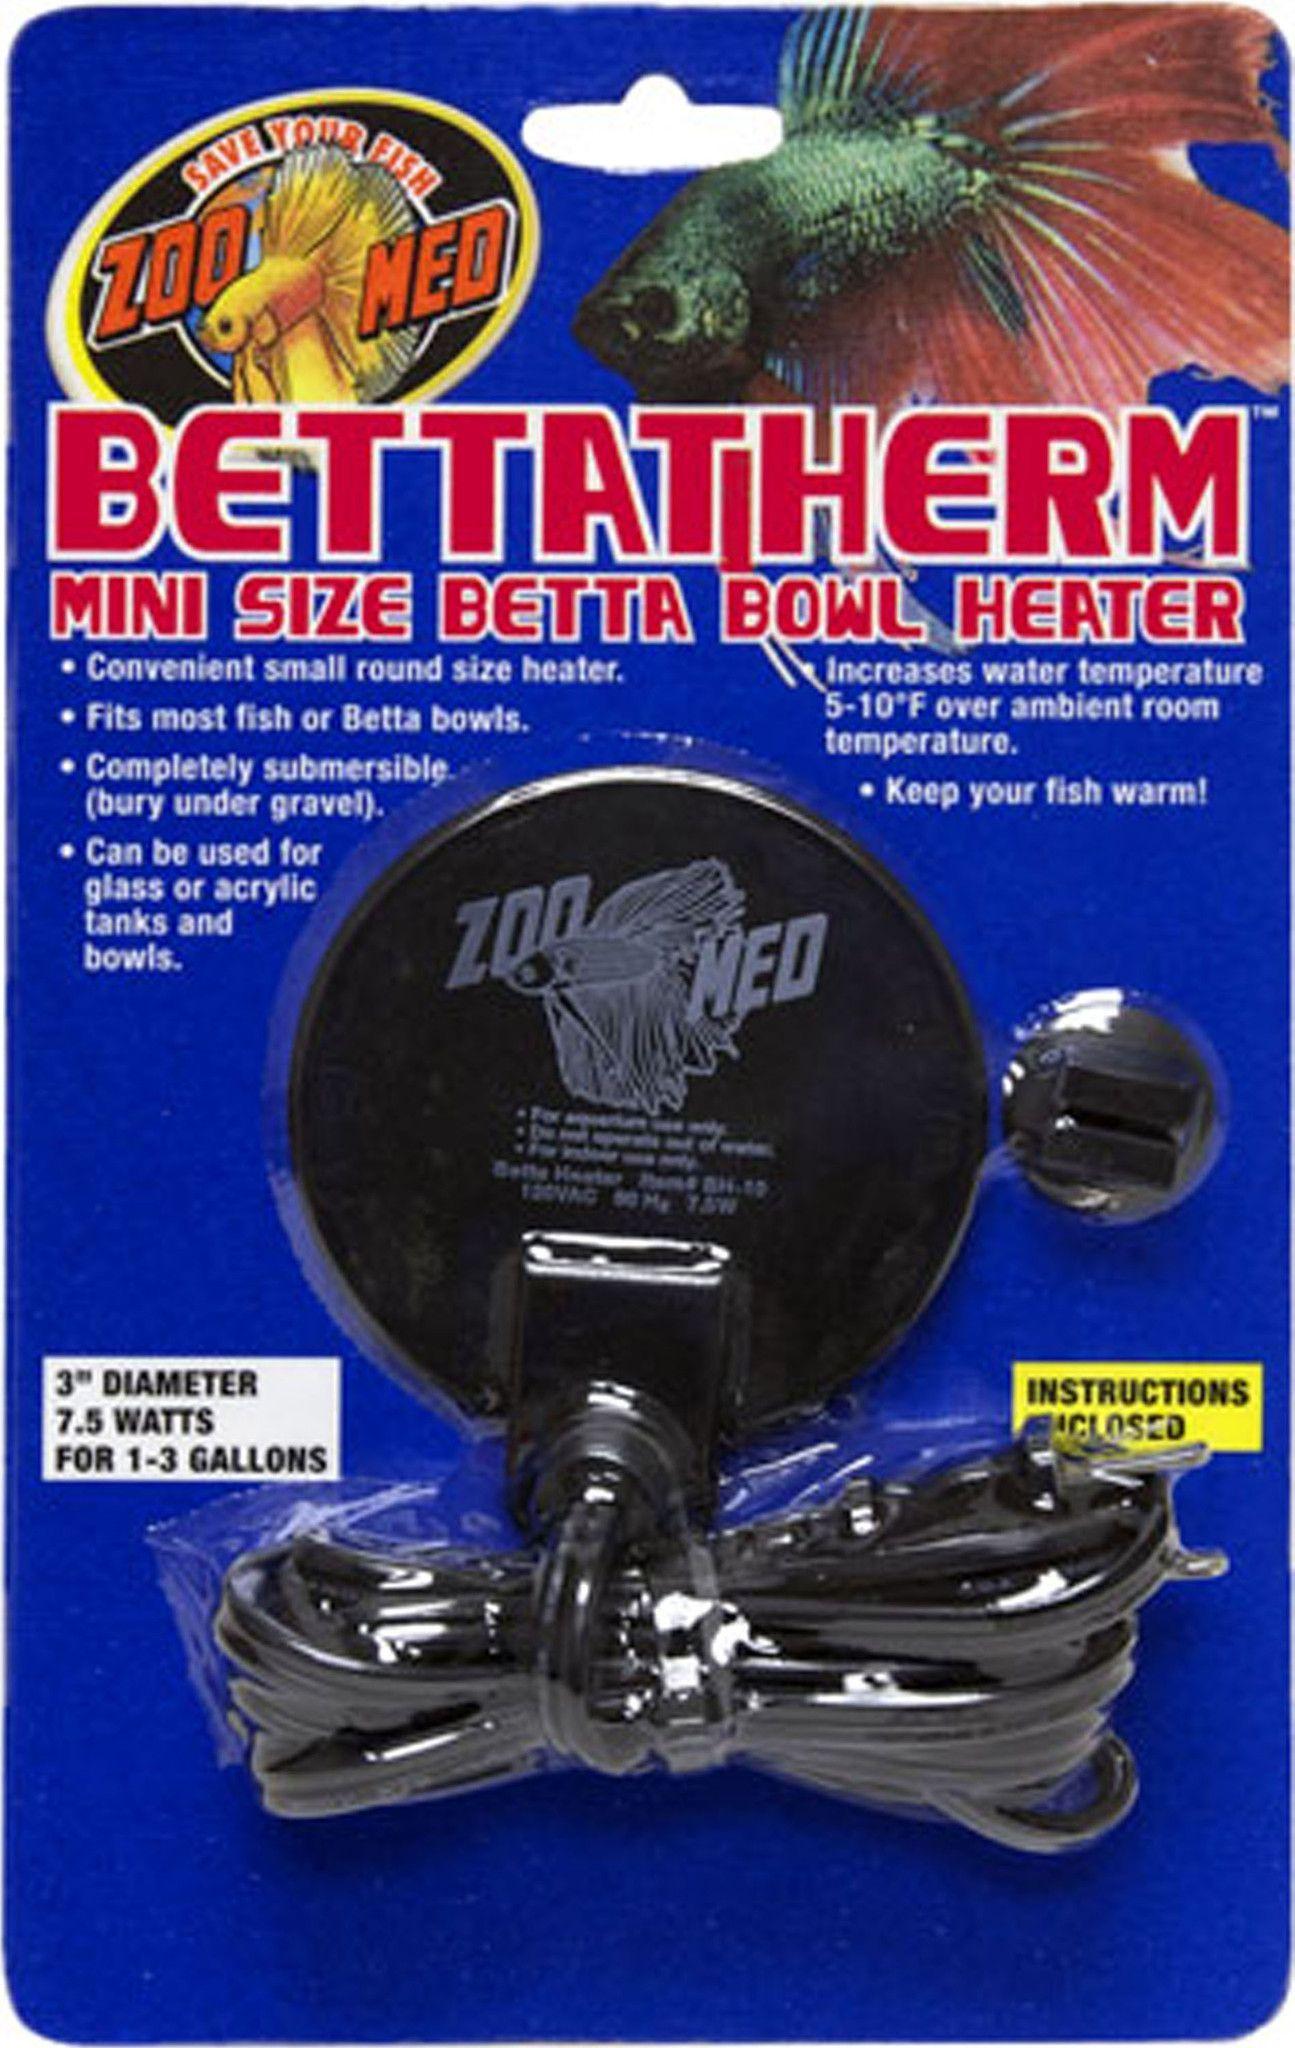 Bettatherm Mini Size Betta Bowl Heater fish and things